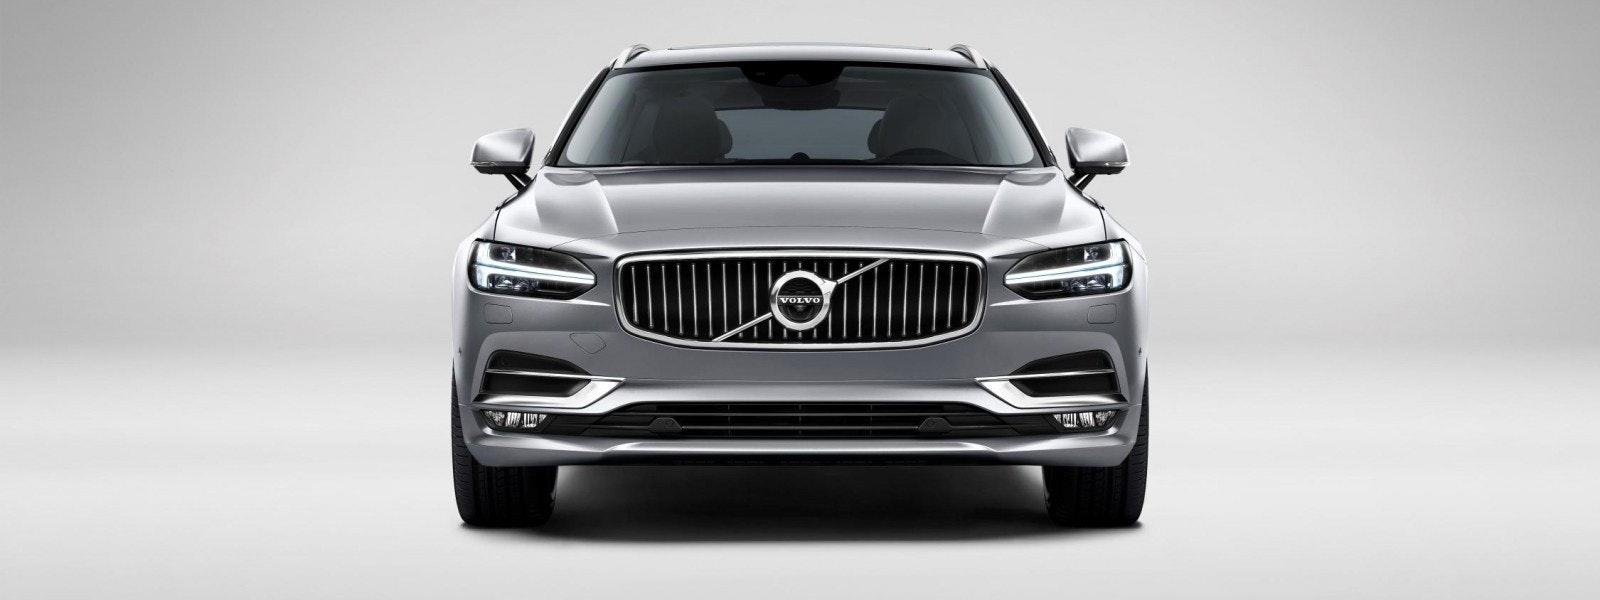 Volvo xc90 turning radius